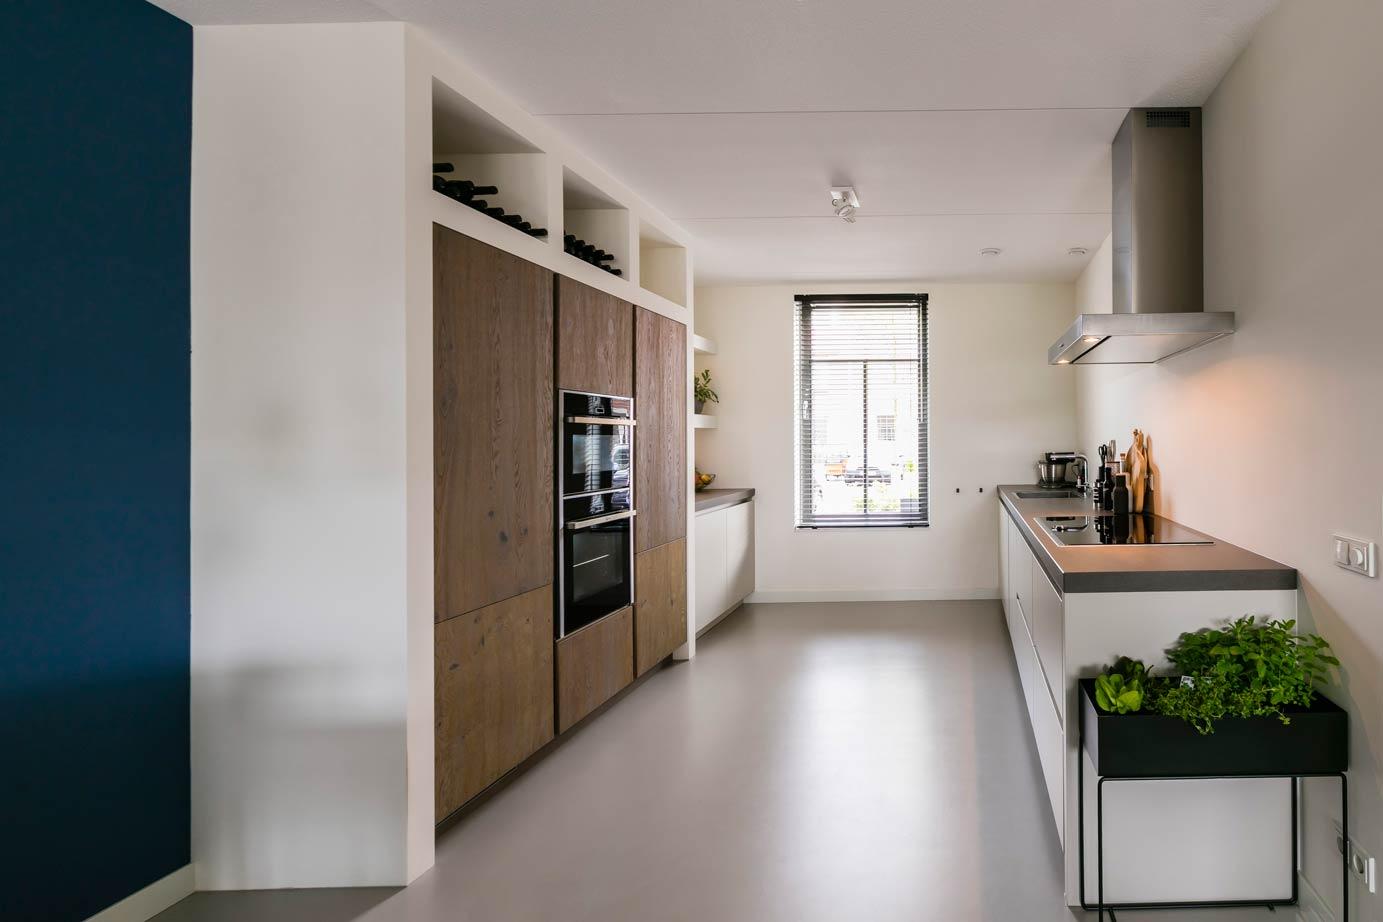 Een keuken kopen in amsterdam lees klantervaring keur